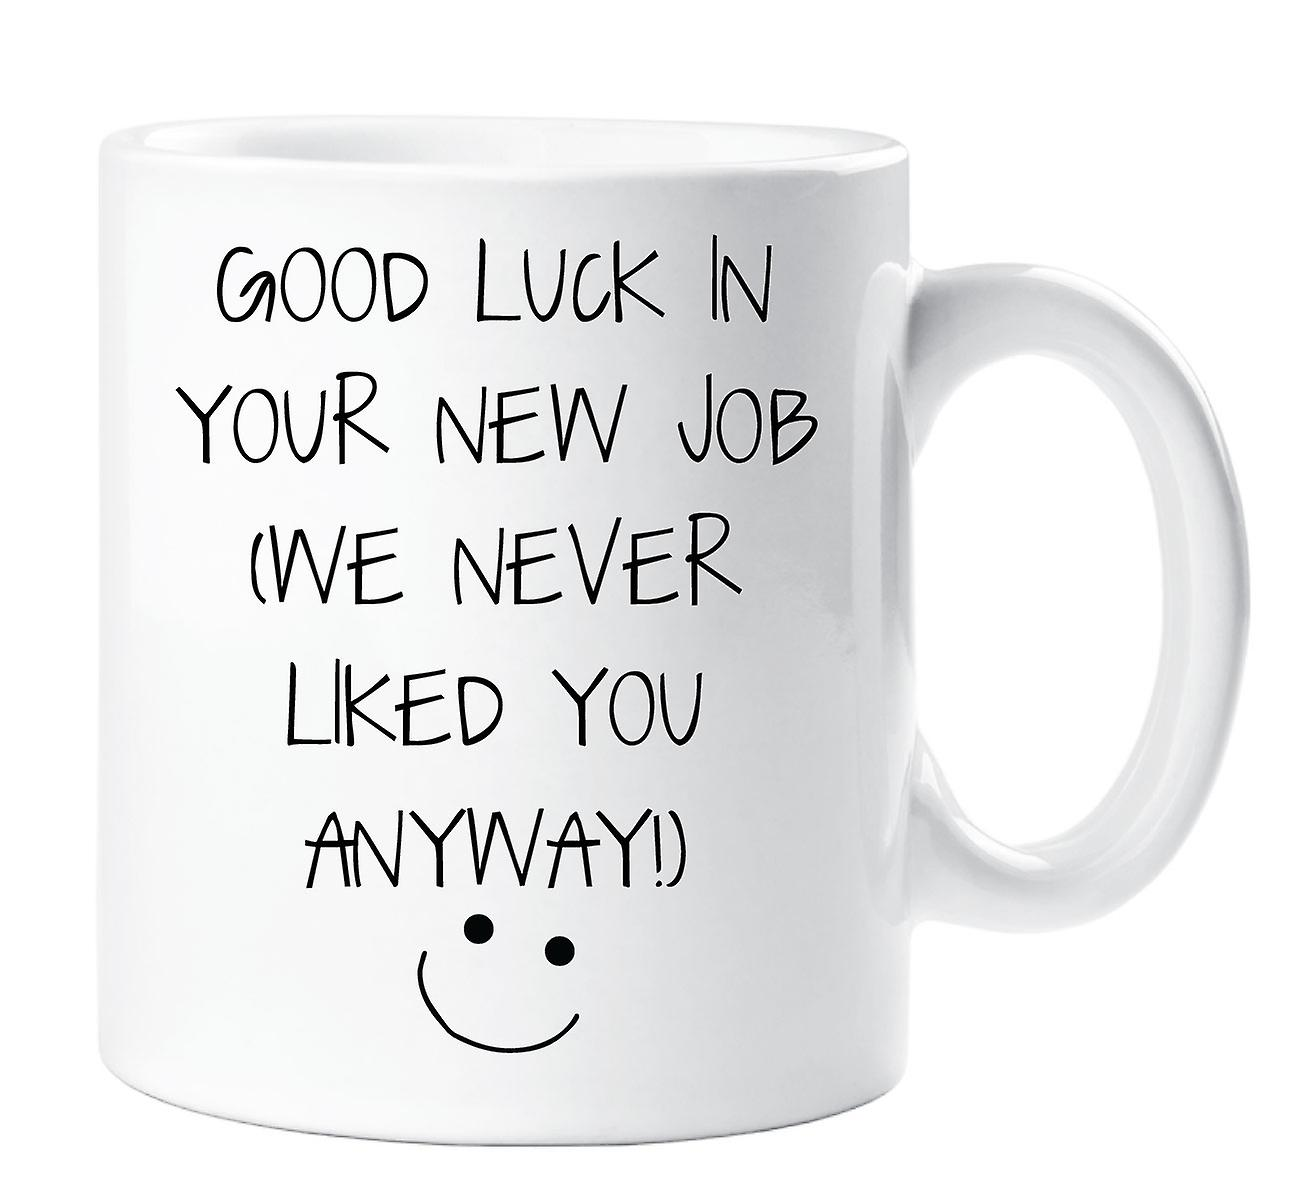 Votre N'ai Aimé Bonne Chance Travail En Jamais Mug Dans Nouveau Cas Vous Je Tout P80wvNymnO